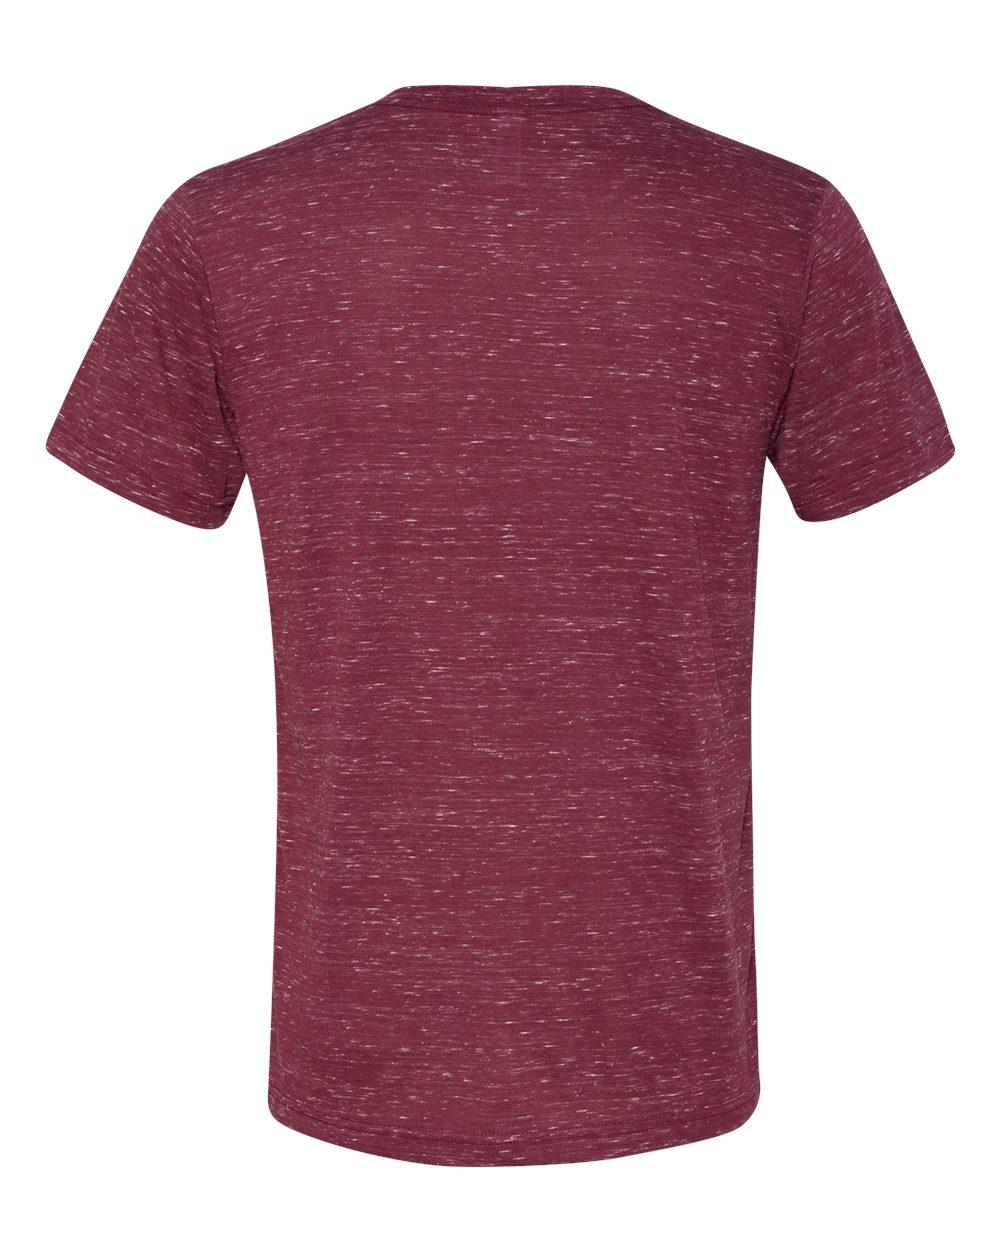 Bella-Canvas-Men-039-s-Jersey-Short-Sleeve-V-Neck-T-Shirt-3005-XS-3XL thumbnail 47